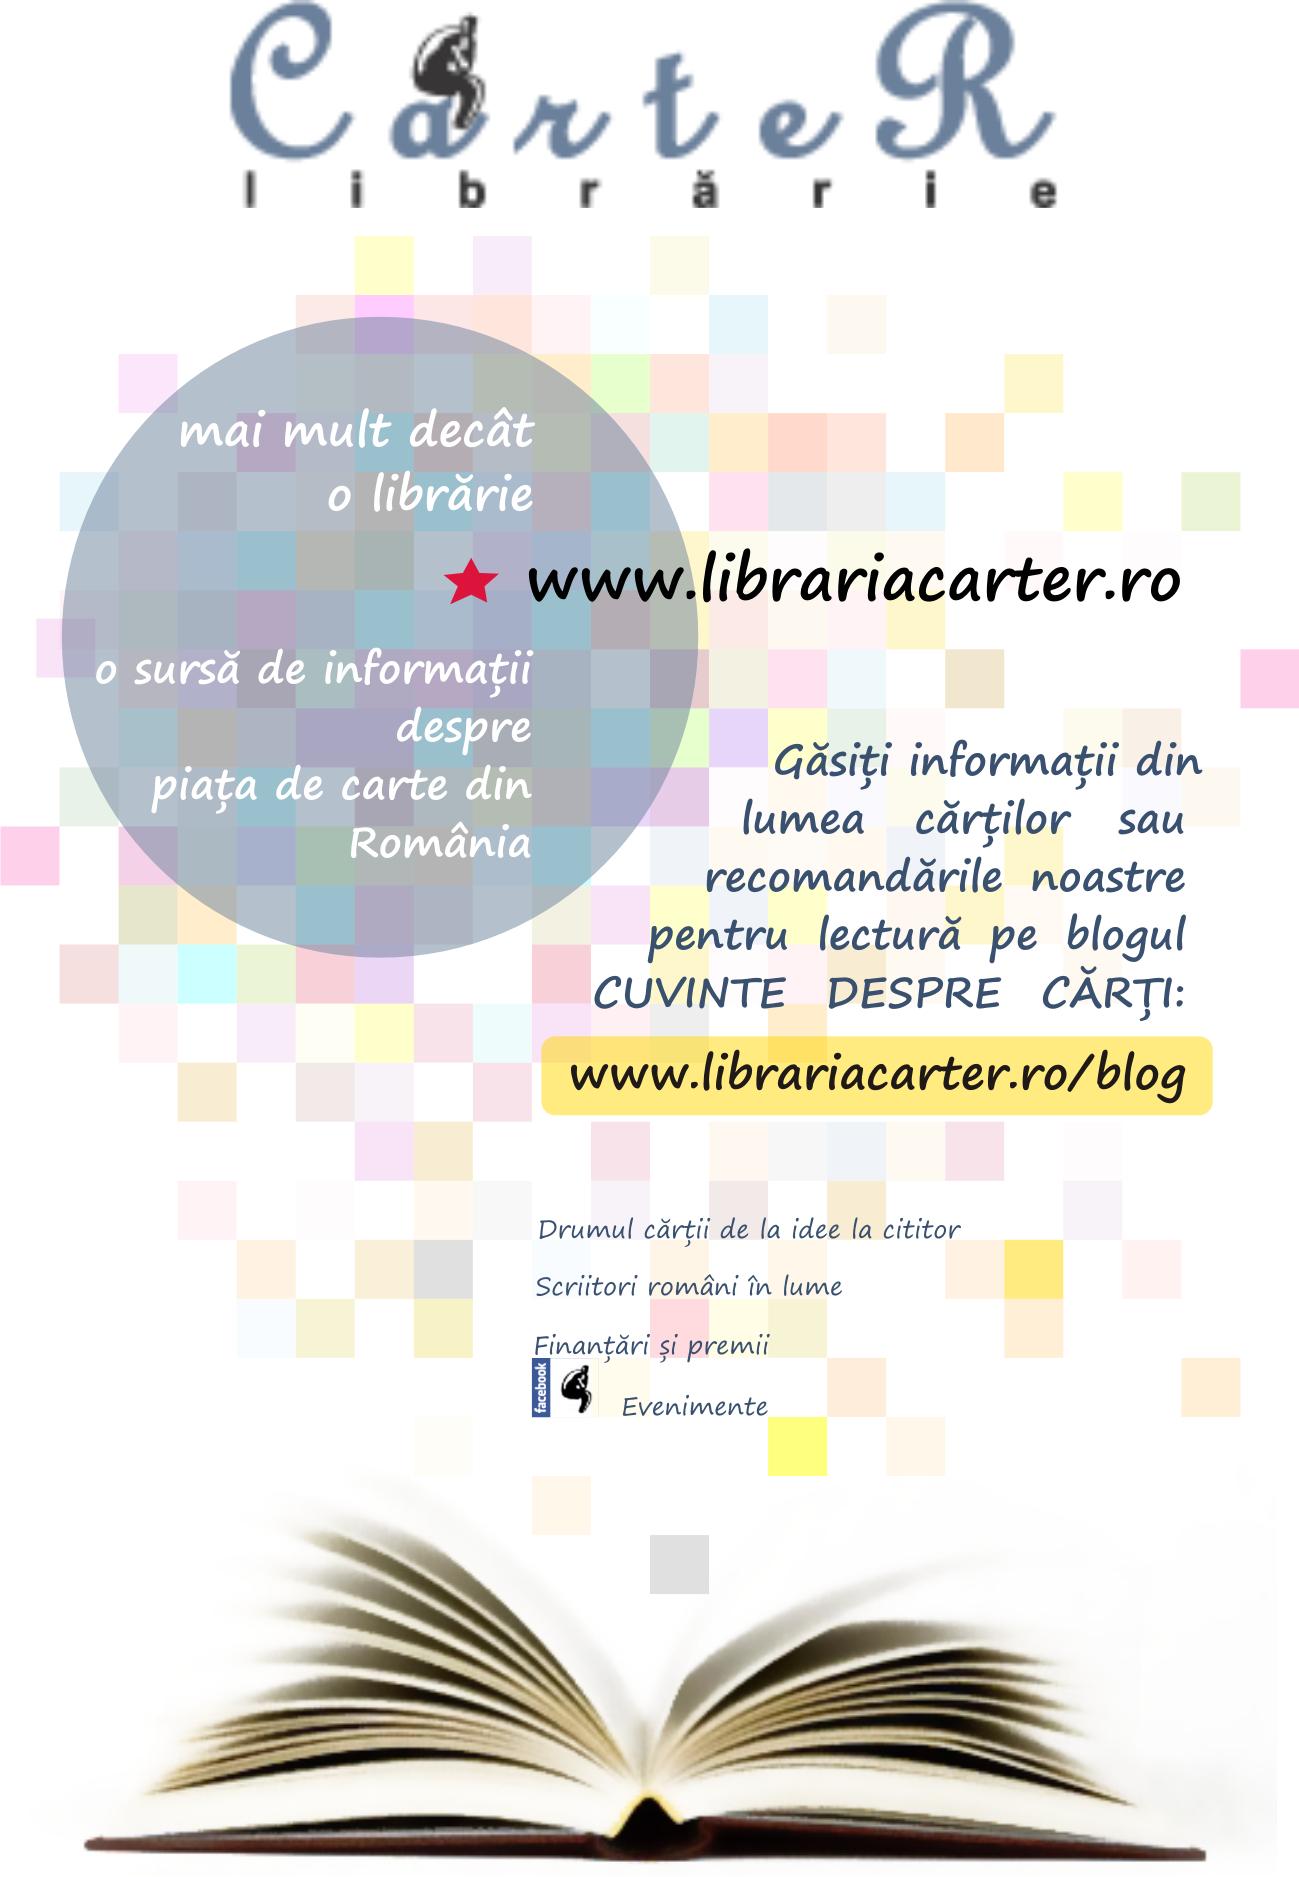 Libraria CarteR